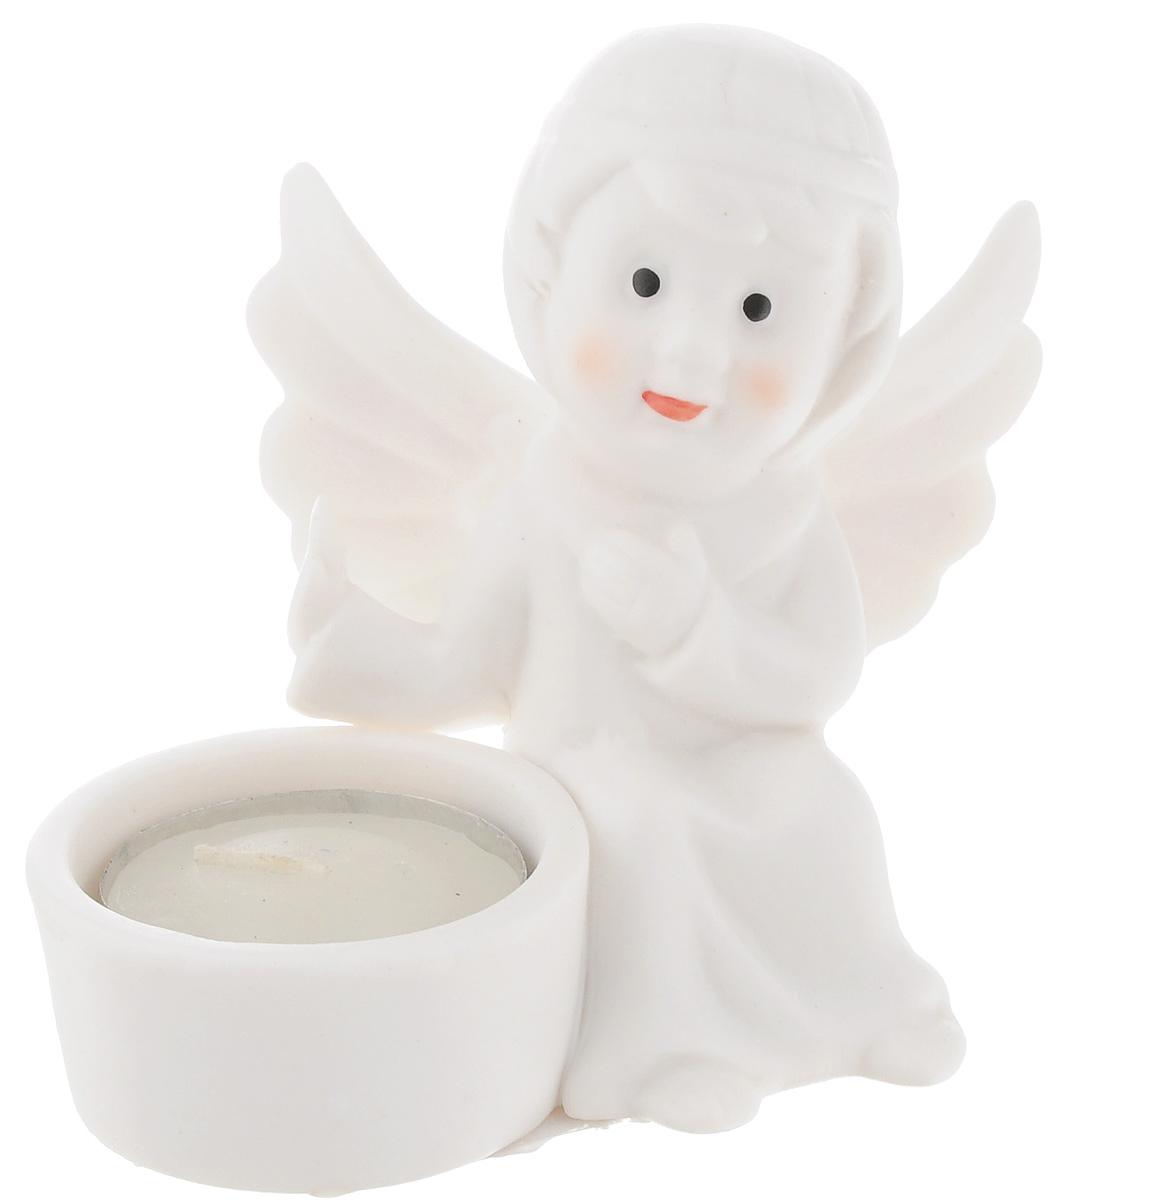 Подсвечник Lillo Ангел, со свечой, высота 8,5 см41225Подсвечник Lillo Ангел, выполненный из керамики, украсит интерьер вашего дома или офиса. Оригинальный дизайн и красочное исполнение создадут праздничное настроение. Подсвечник выполнен в форме ангела, сидящего около небольшой чашечки. Внутри чашечки - парафиновая свеча.Вы можете поставить подсвечник в любом месте, где он будет удачно смотреться, и радовать глаз. Кроме того - это отличный вариант подарка для ваших близких и друзей в преддверии Нового года.